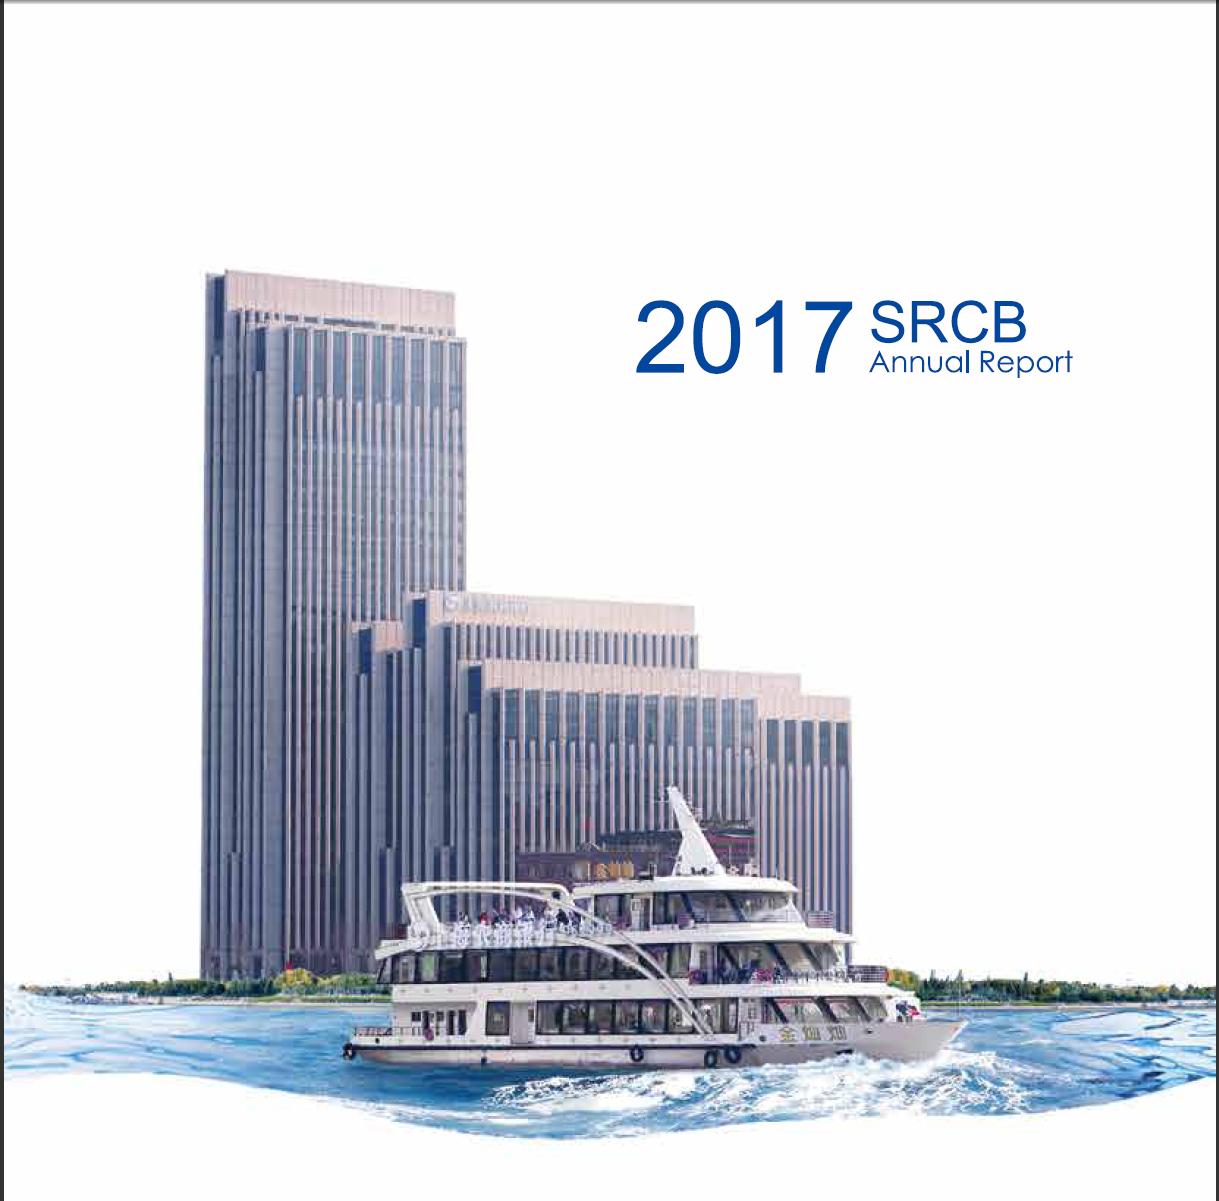 2017年年度报告(英文)